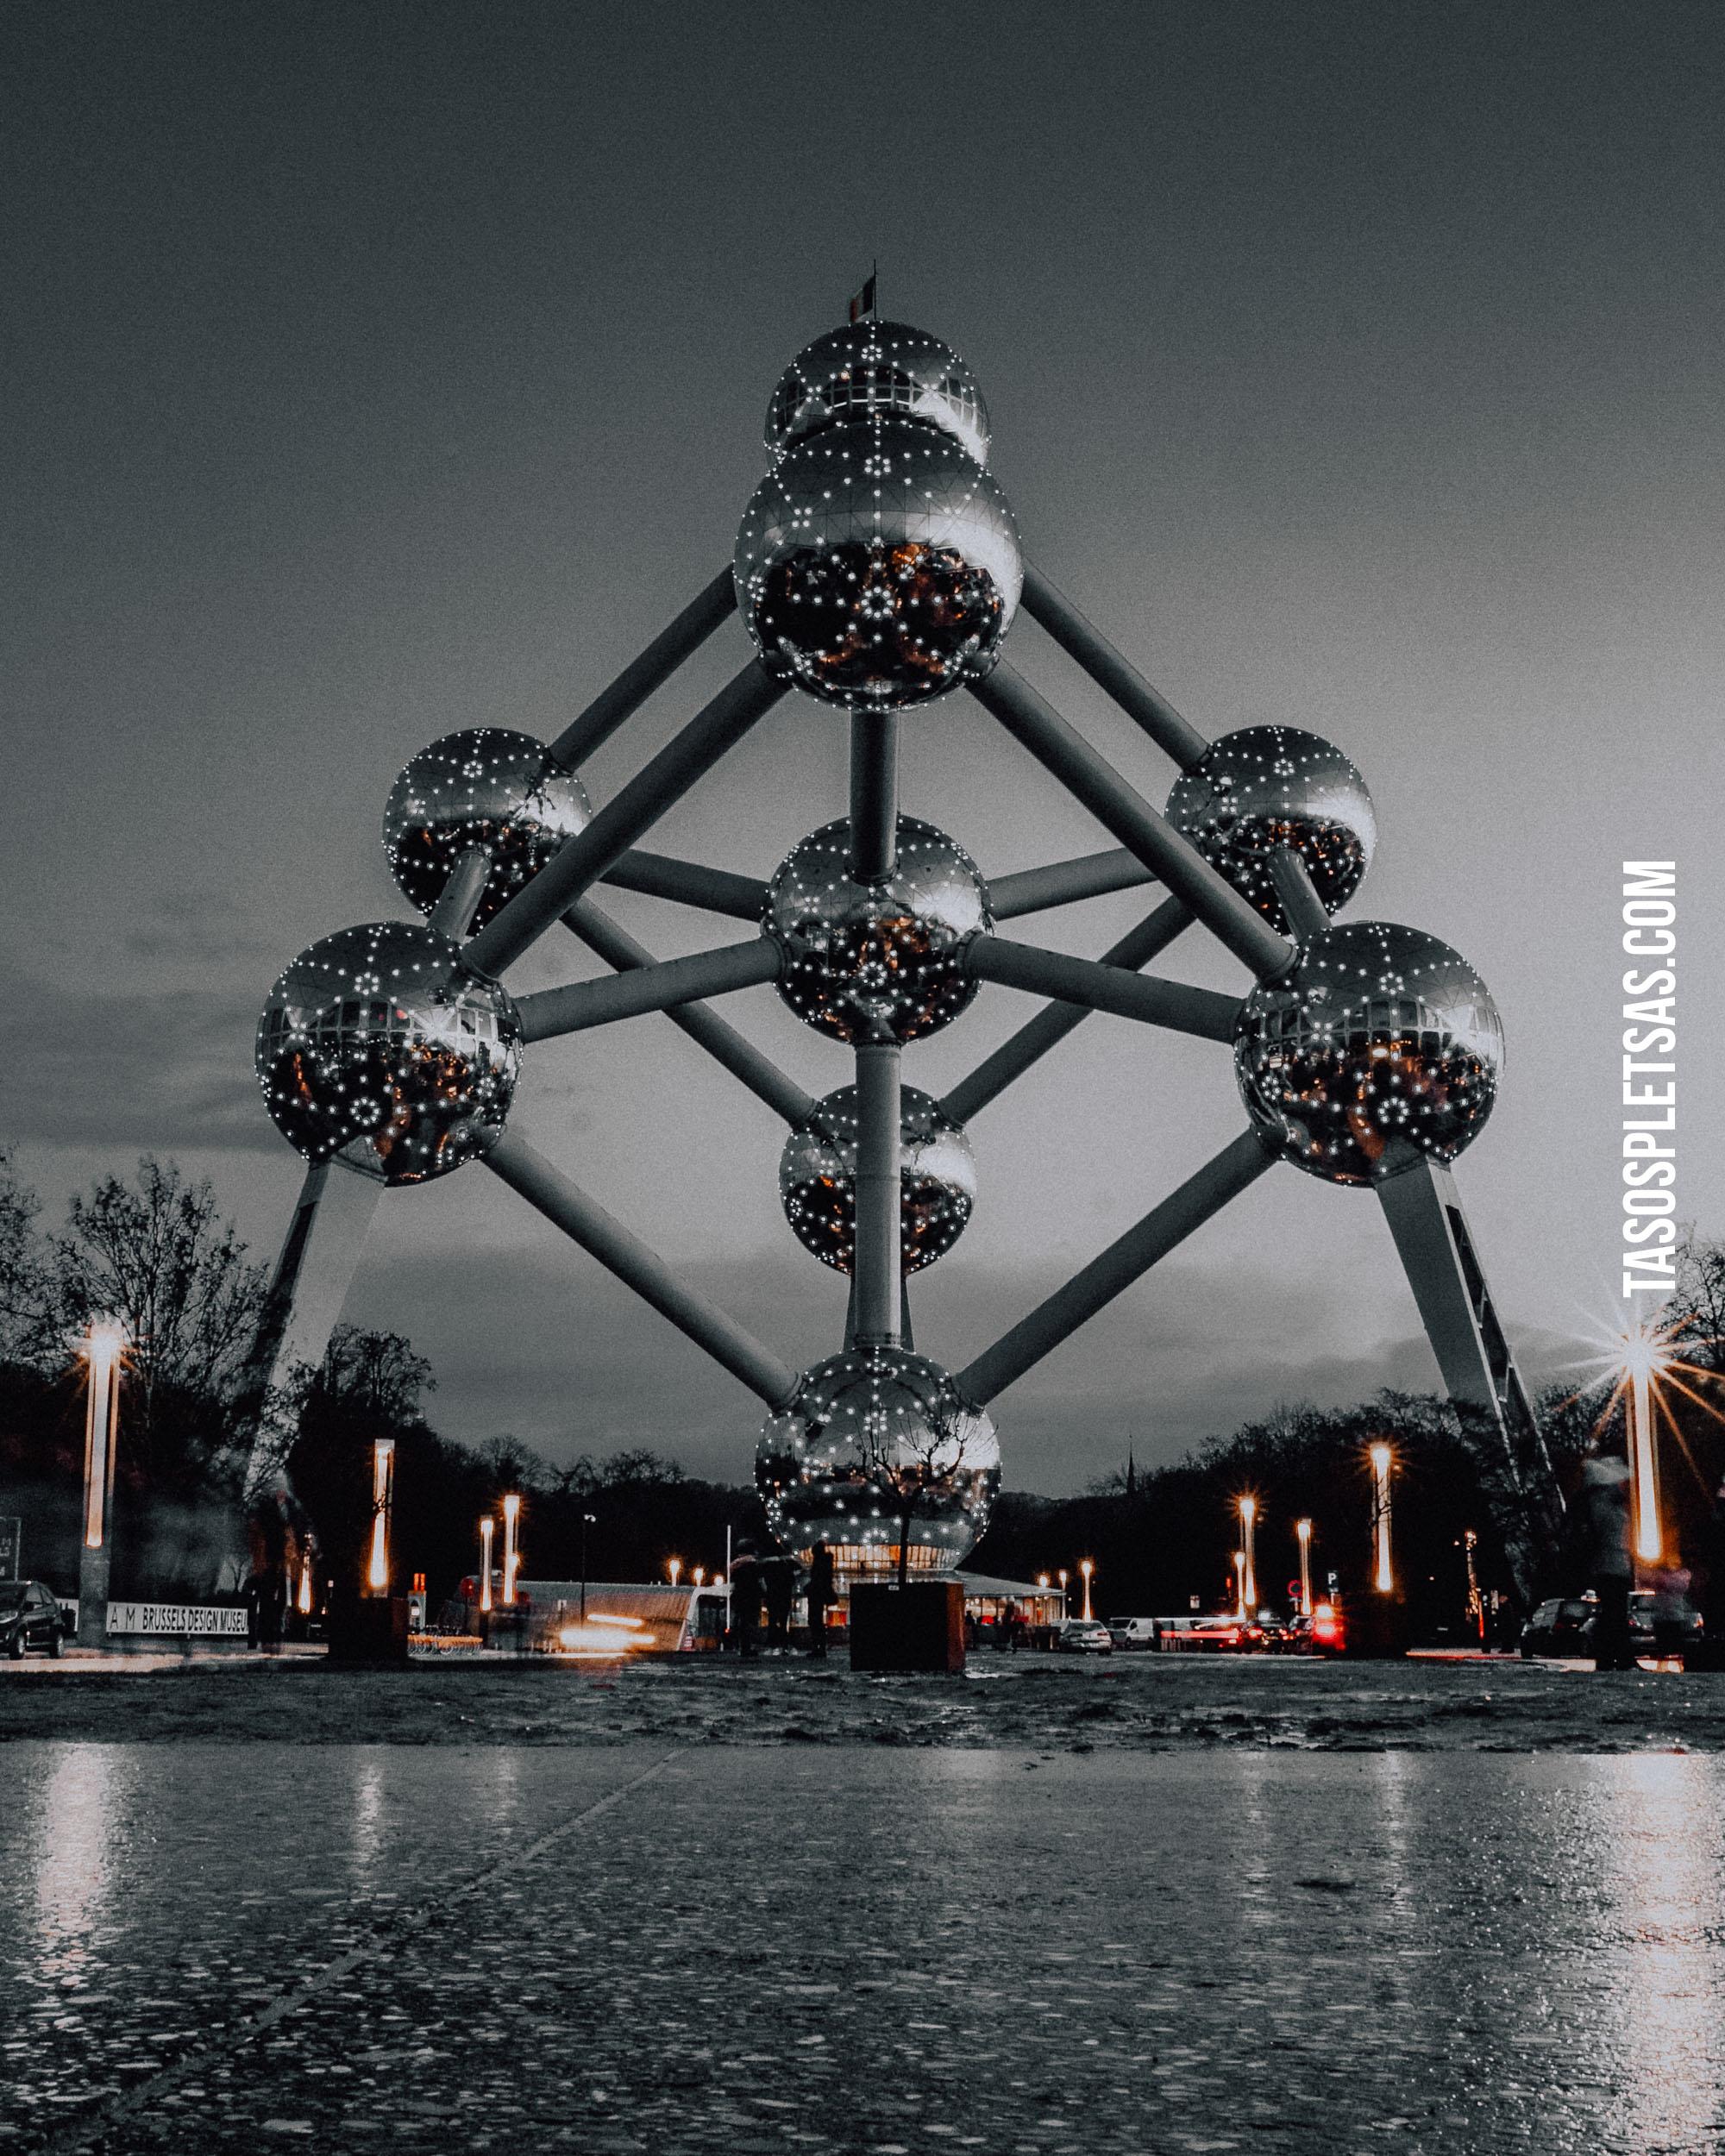 Brussels - WEB-Brussels-DSC08260-3.jpg